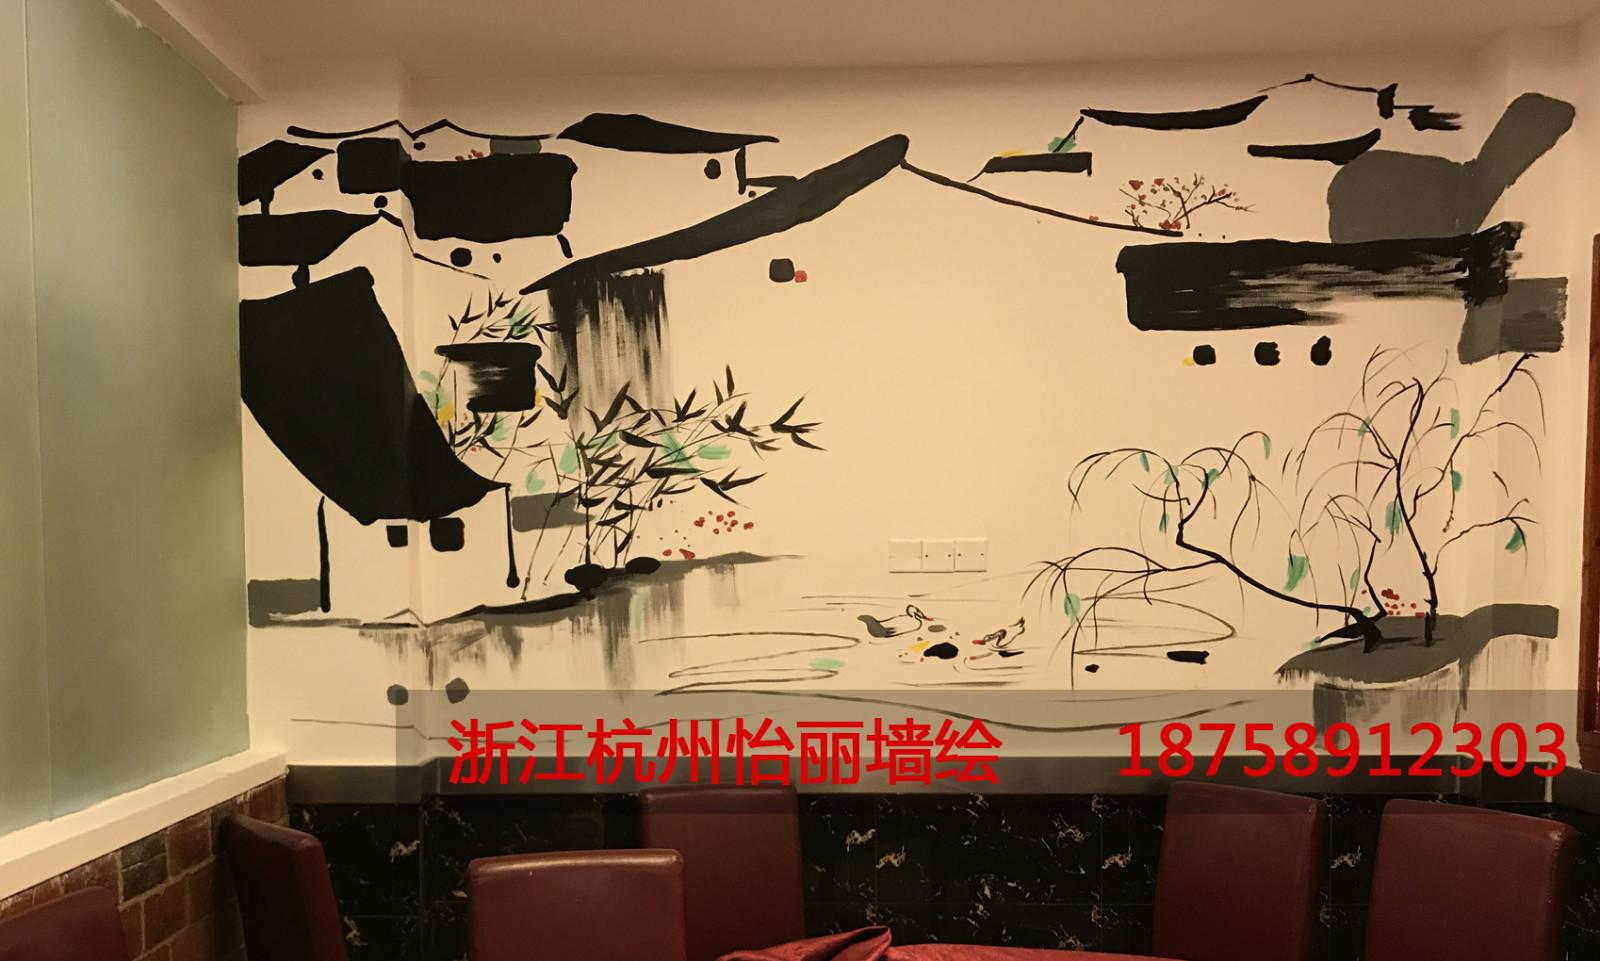 中式餐厅墙绘国画简约.jpg